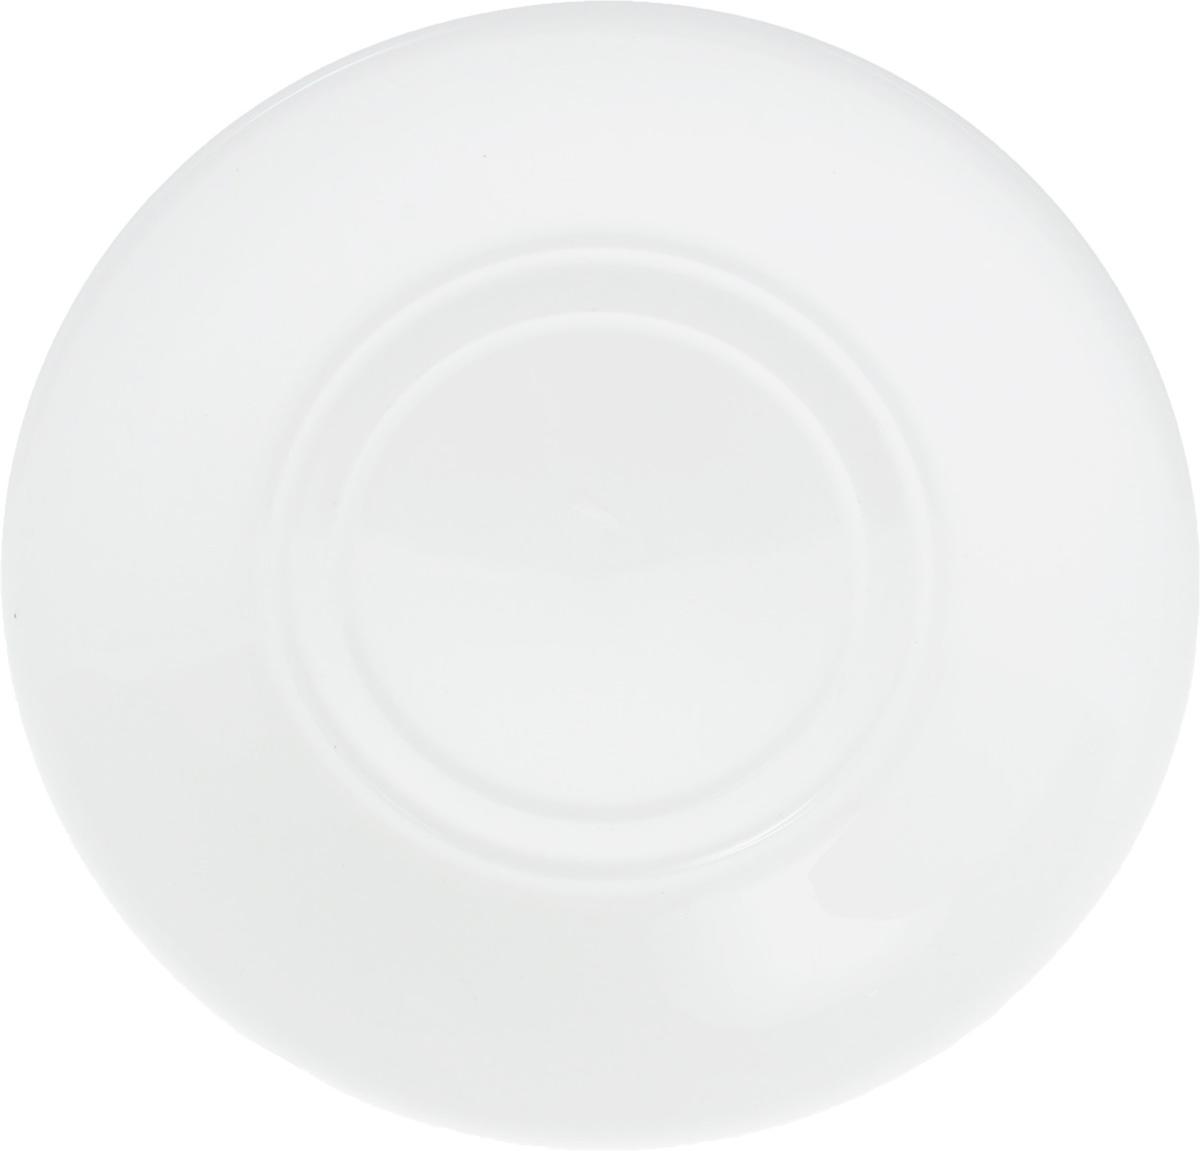 Блюдце Wilmax, диаметр 15 см115610Оригинальное блюдце Wilmax изготовлено из фарфора с глазурованным покрытием. Фарфор от Wilmax изготовлен по уникальному рецепту из сплава магния и алюминия, благодаря чему посуда обладает характерной белизной, прочностью и устойчивостью к сколами. Особый состав глазури обеспечивает гладкость и блеск поверхности изделия.Изделие сочетает в себе изысканный дизайн с максимальной функциональностью. Блюдце прекрасно впишется в интерьер вашей кухни и станет достойным дополнением к кухонному инвентарю. Можно мыть в посудомоечной машине и использовать в микроволновой печи. Изделие пригодно для использования в духовых печах и выдерживает температуру до 300°С.Диаметр: 15 см.Высота: 2 см.